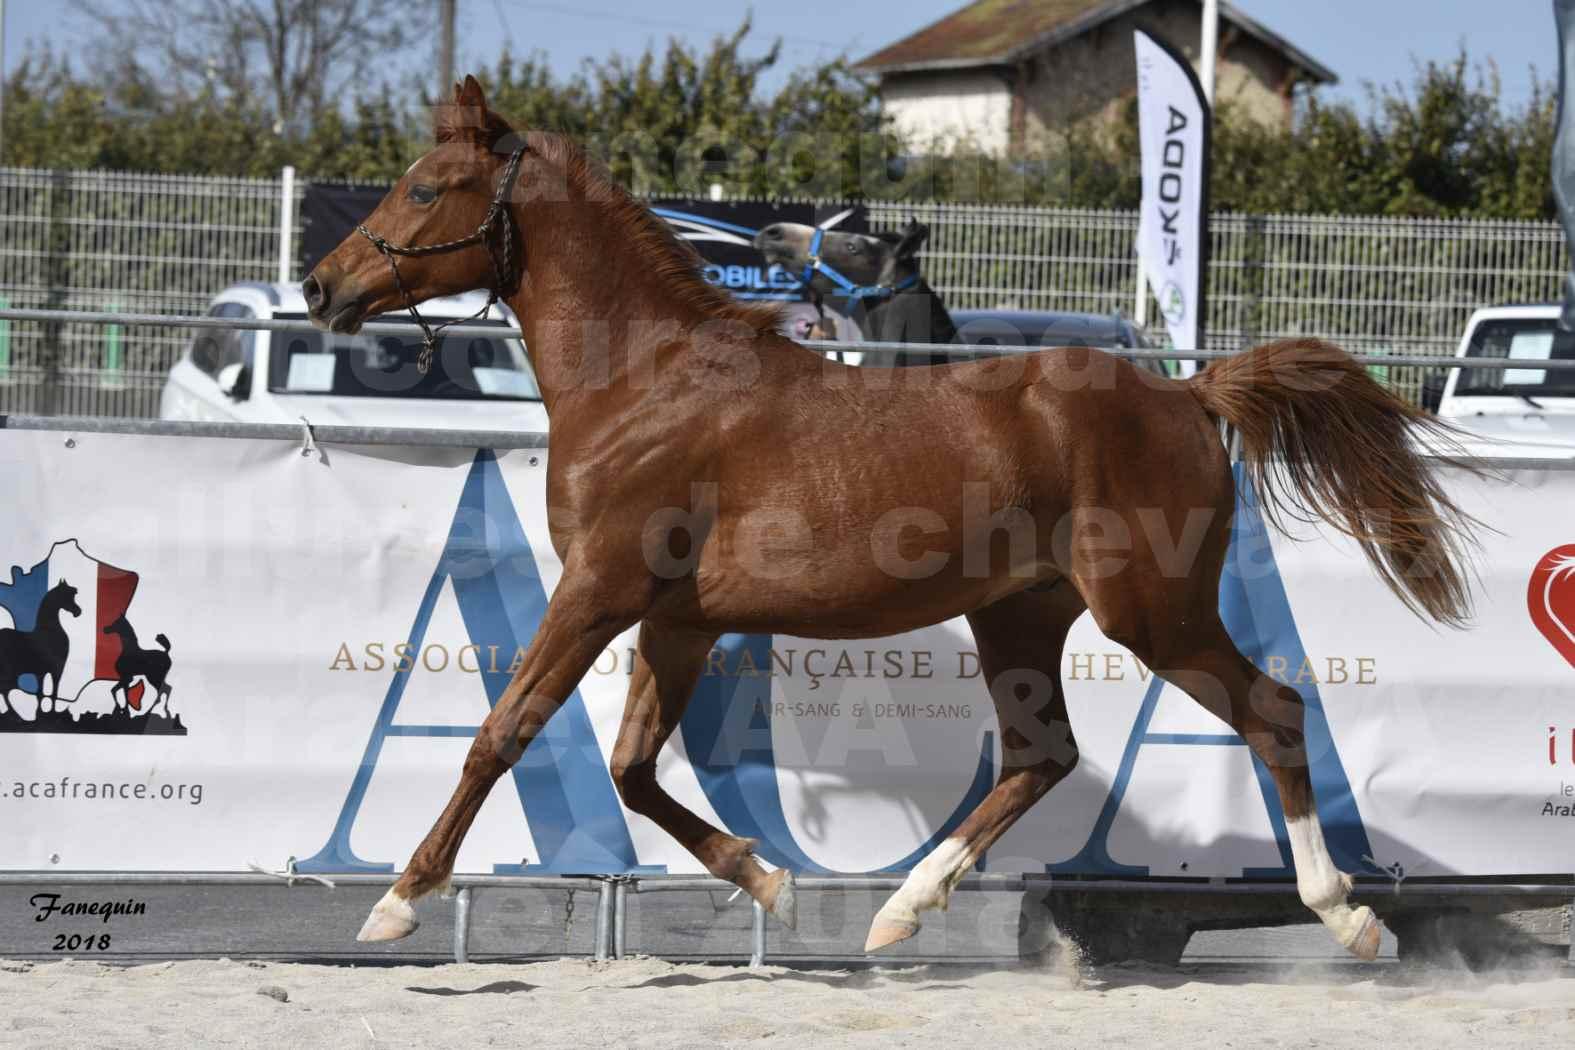 Concours d'élevage de Chevaux Arabes - D. S. A. - A. A. - ALBI les 6 & 7 Avril 2018 - GRIOU DU GRIOU - Notre Sélection - 8